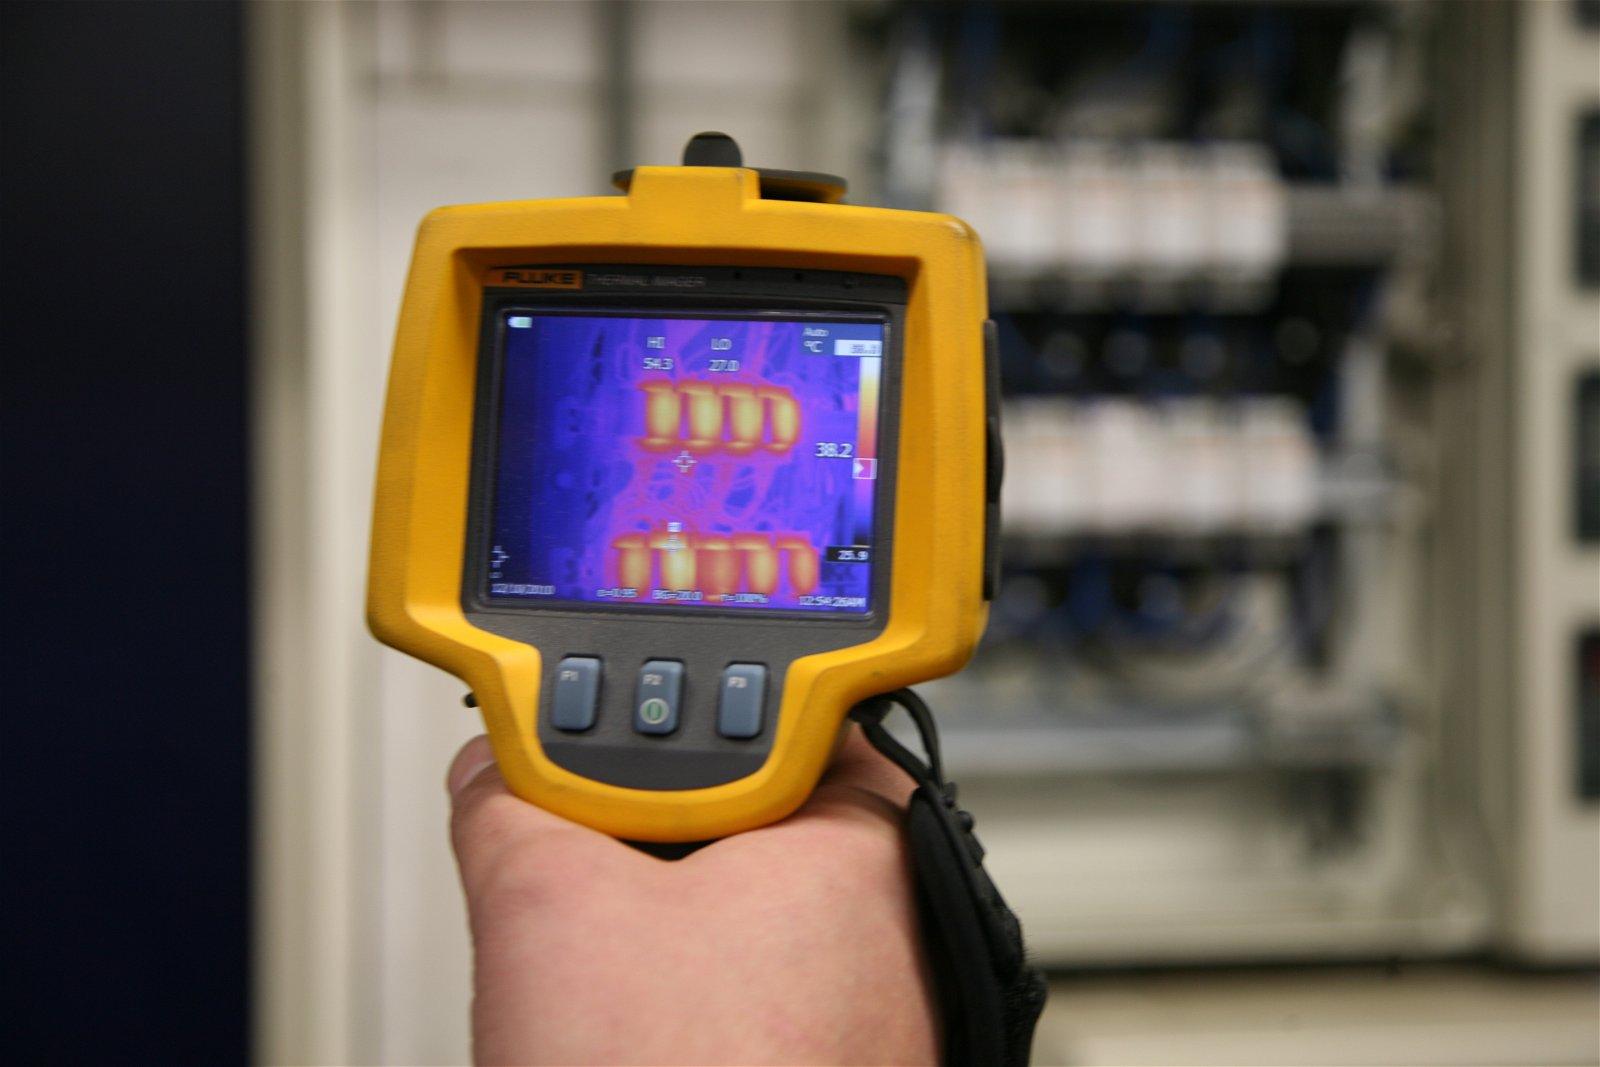 Inspecteer preventief met thermografie om onnodig stilstand te voorkomen.